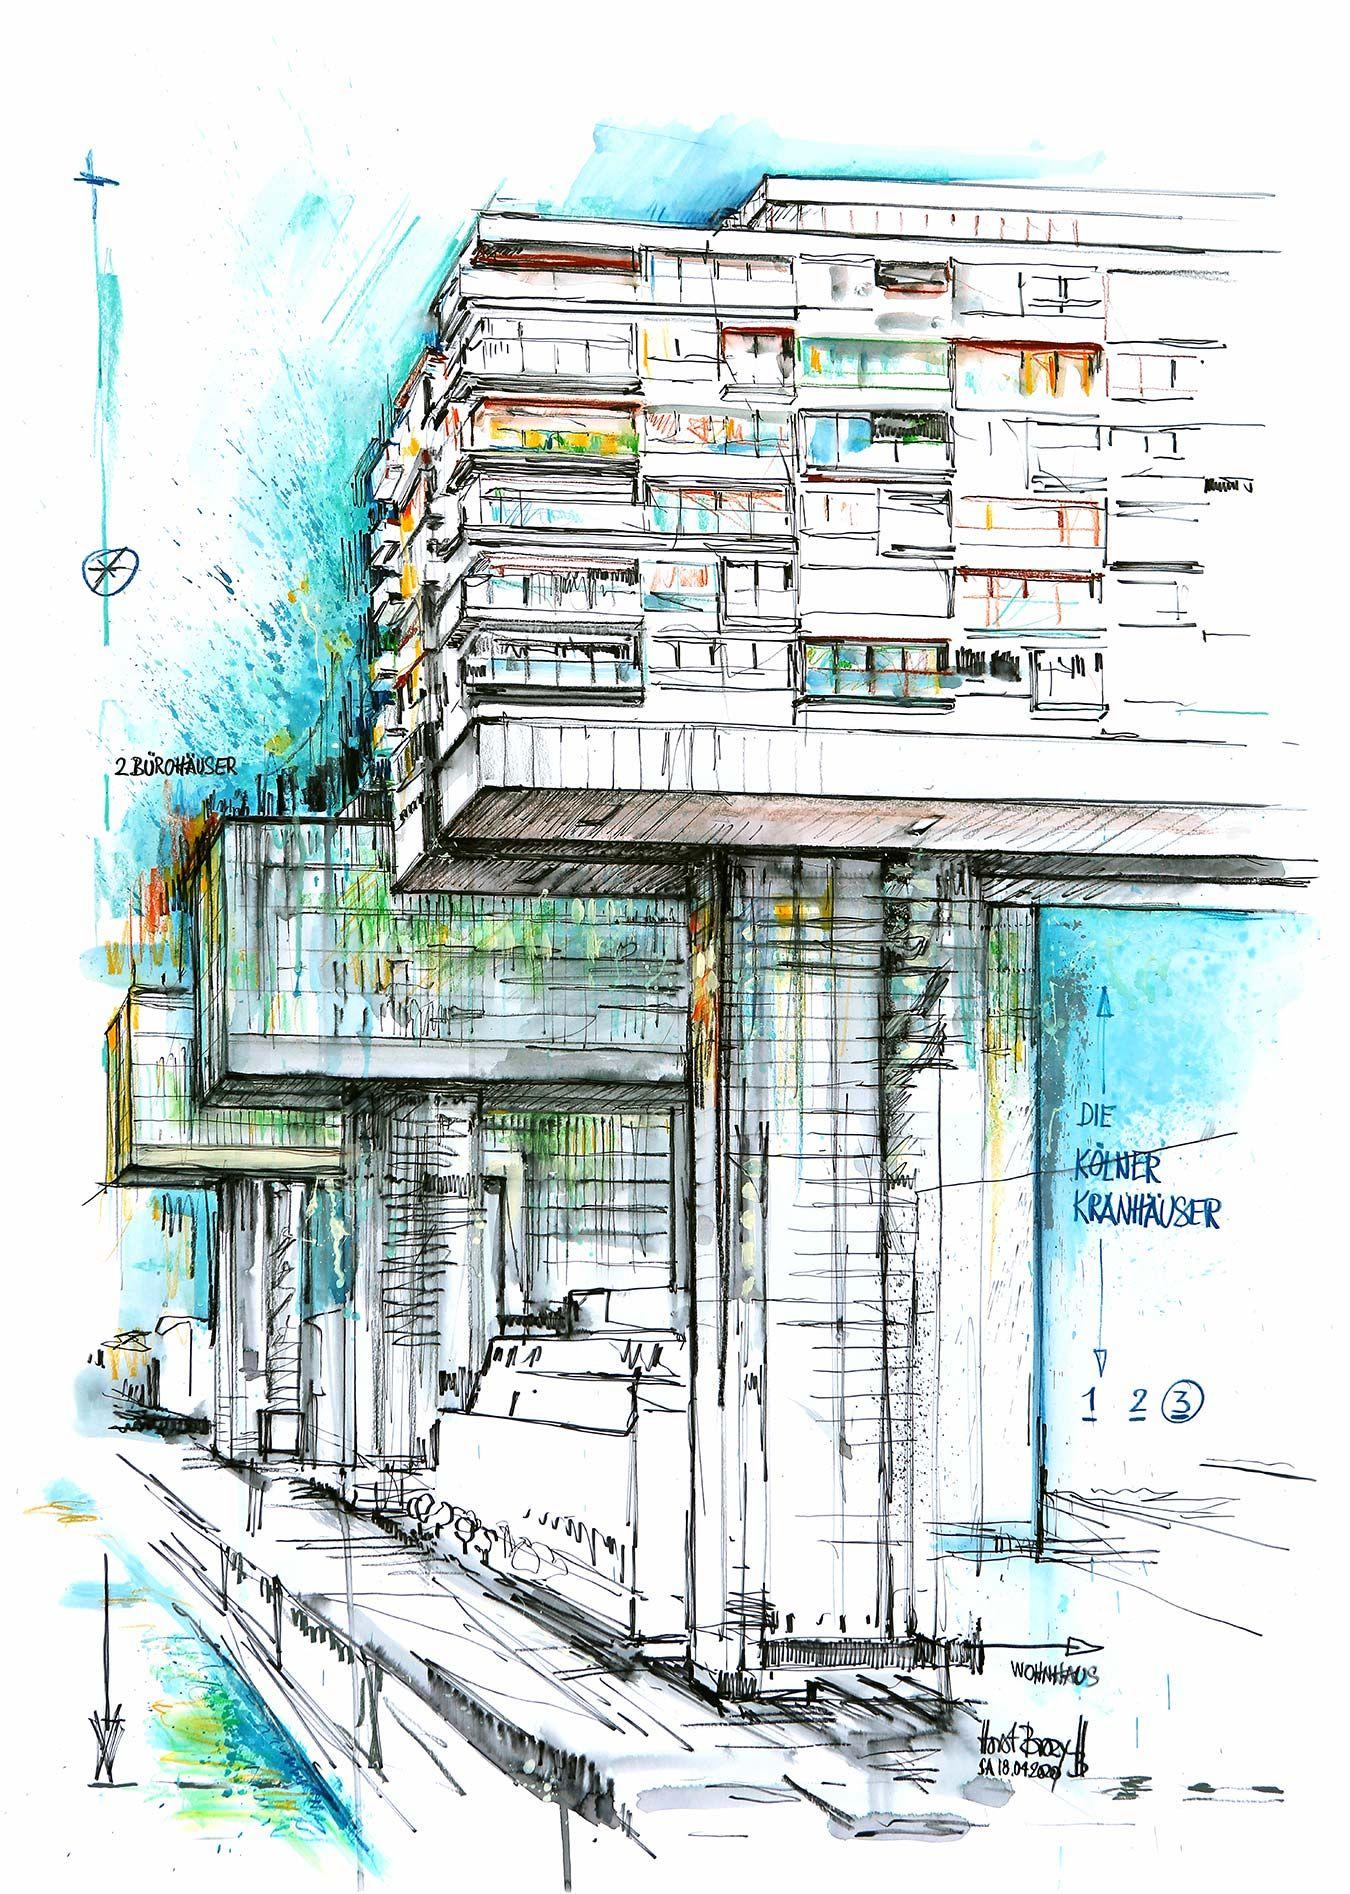 Kolner Kranhauser 2 2020 100x70cm Kranhaus Kran Haus